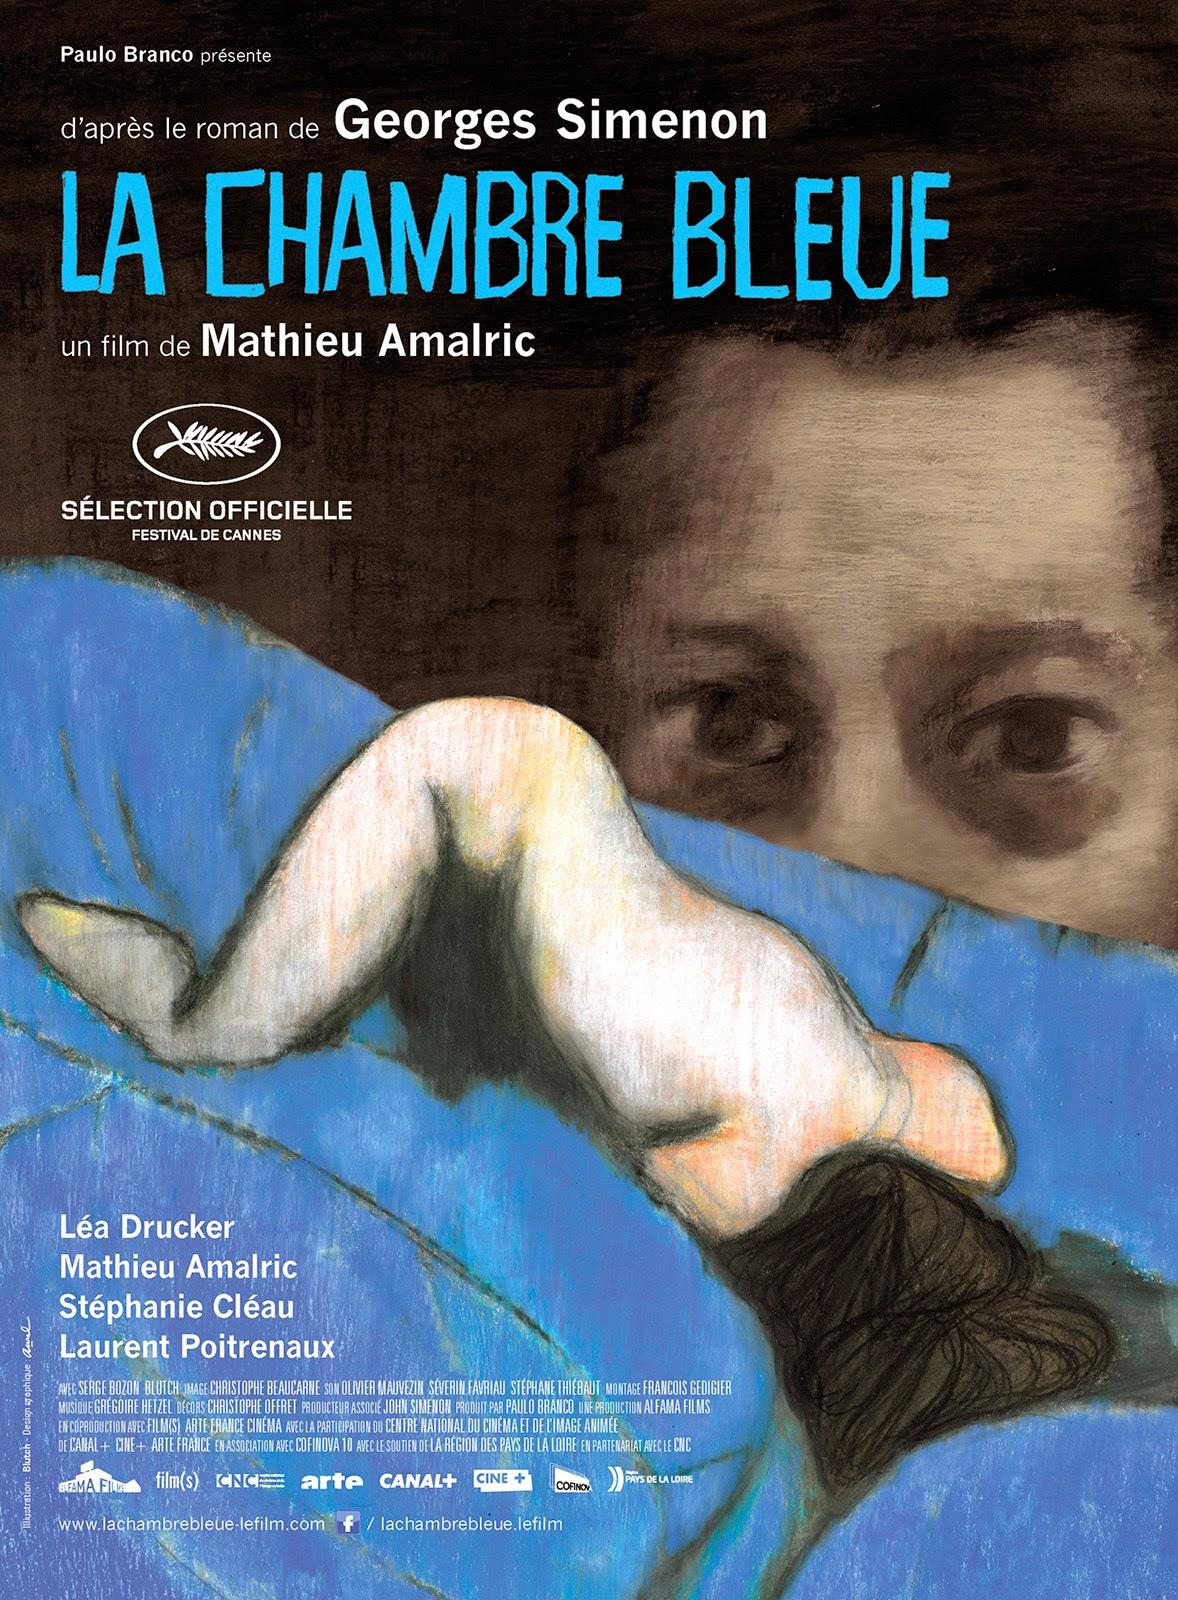 """Résultat de recherche d'images pour """"La chambre bleue blutch"""""""